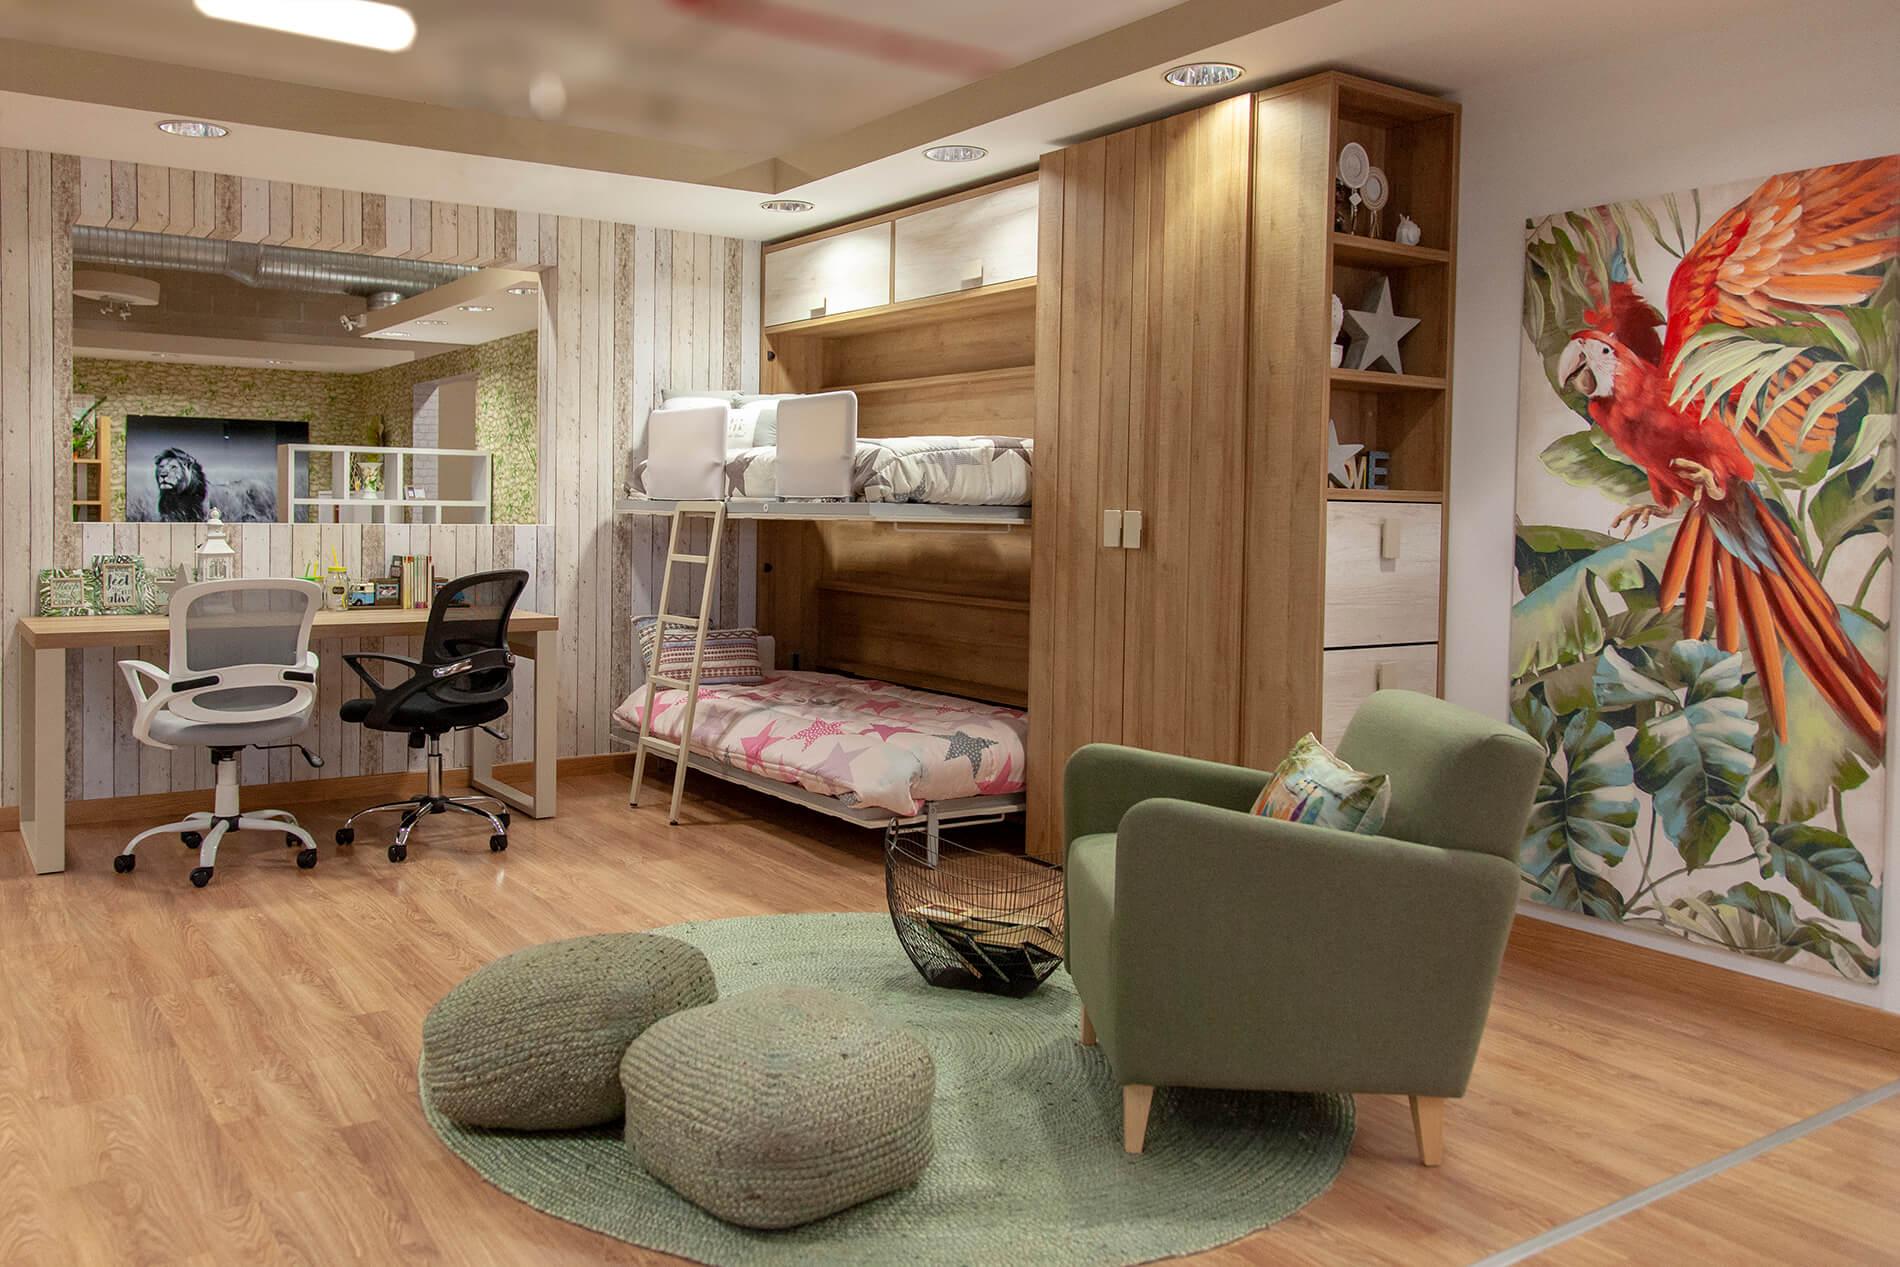 Dormitorio juvenil con literas la grama